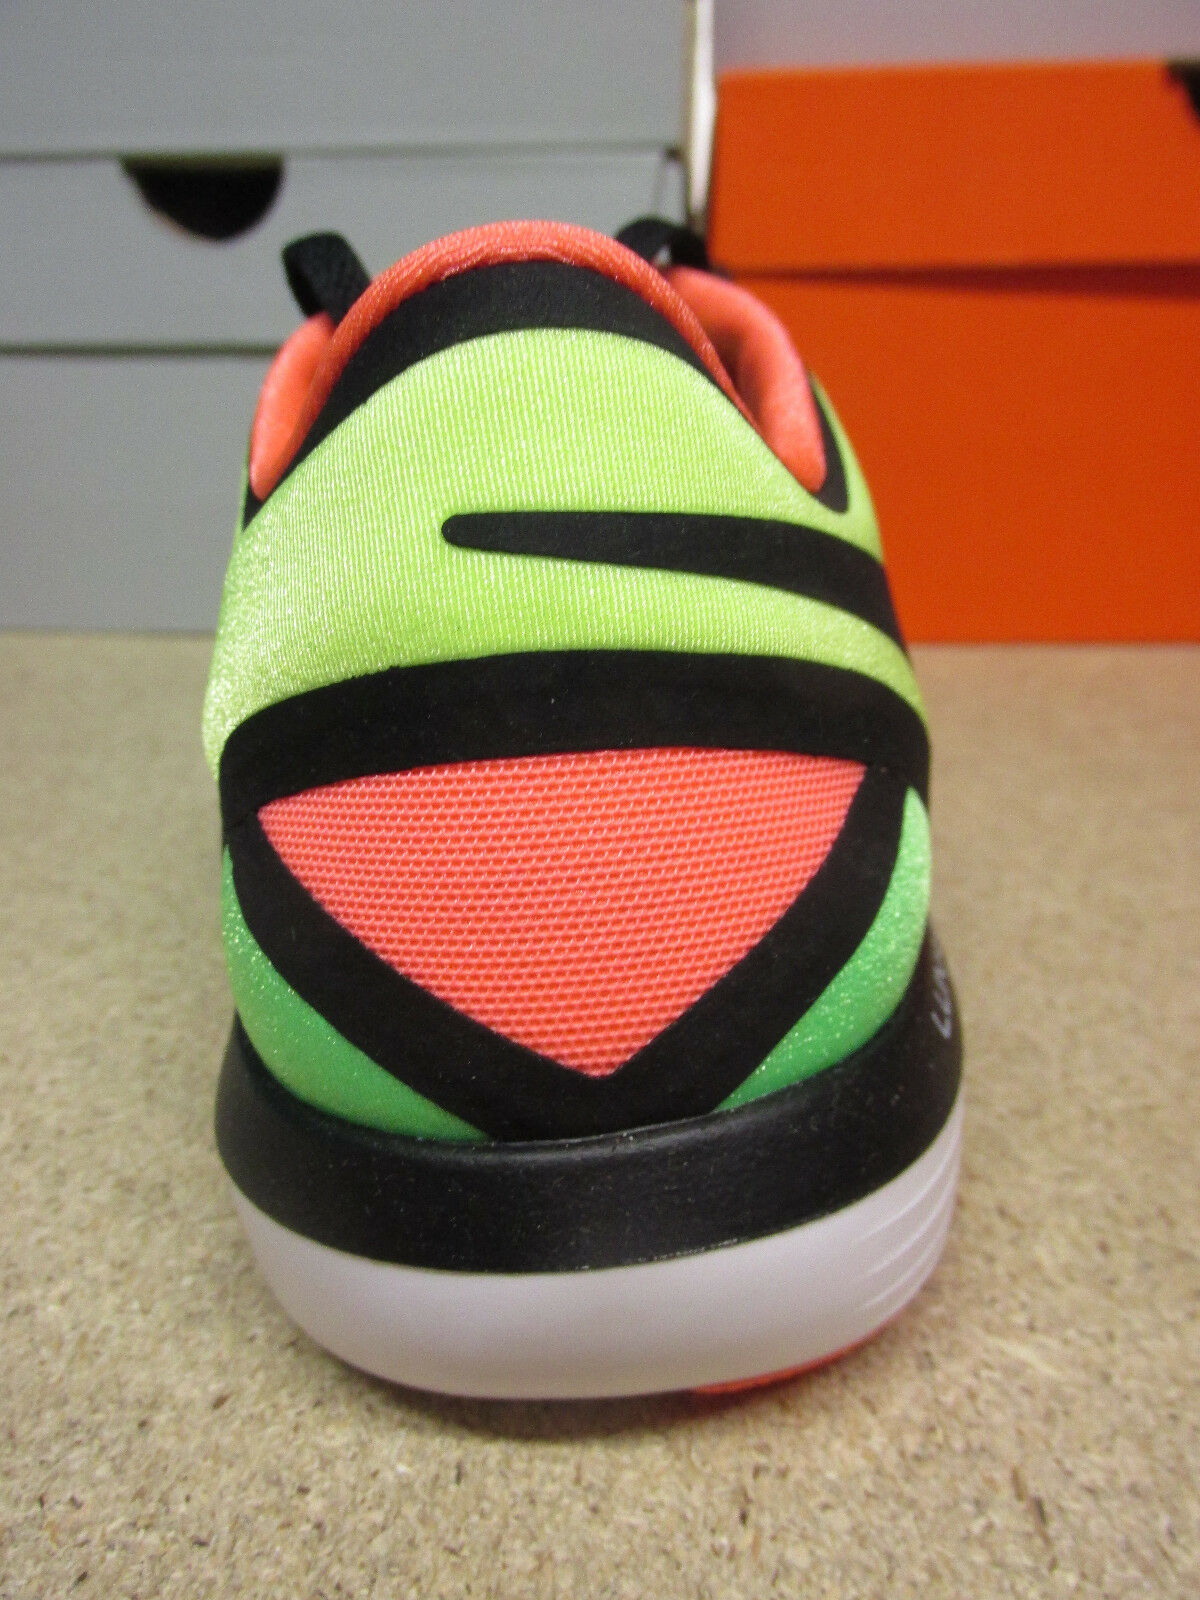 Femmes Nike Lunar Lunar Lunar Sculpt baskets chaussures de course des formateurs 818062 300 31158a